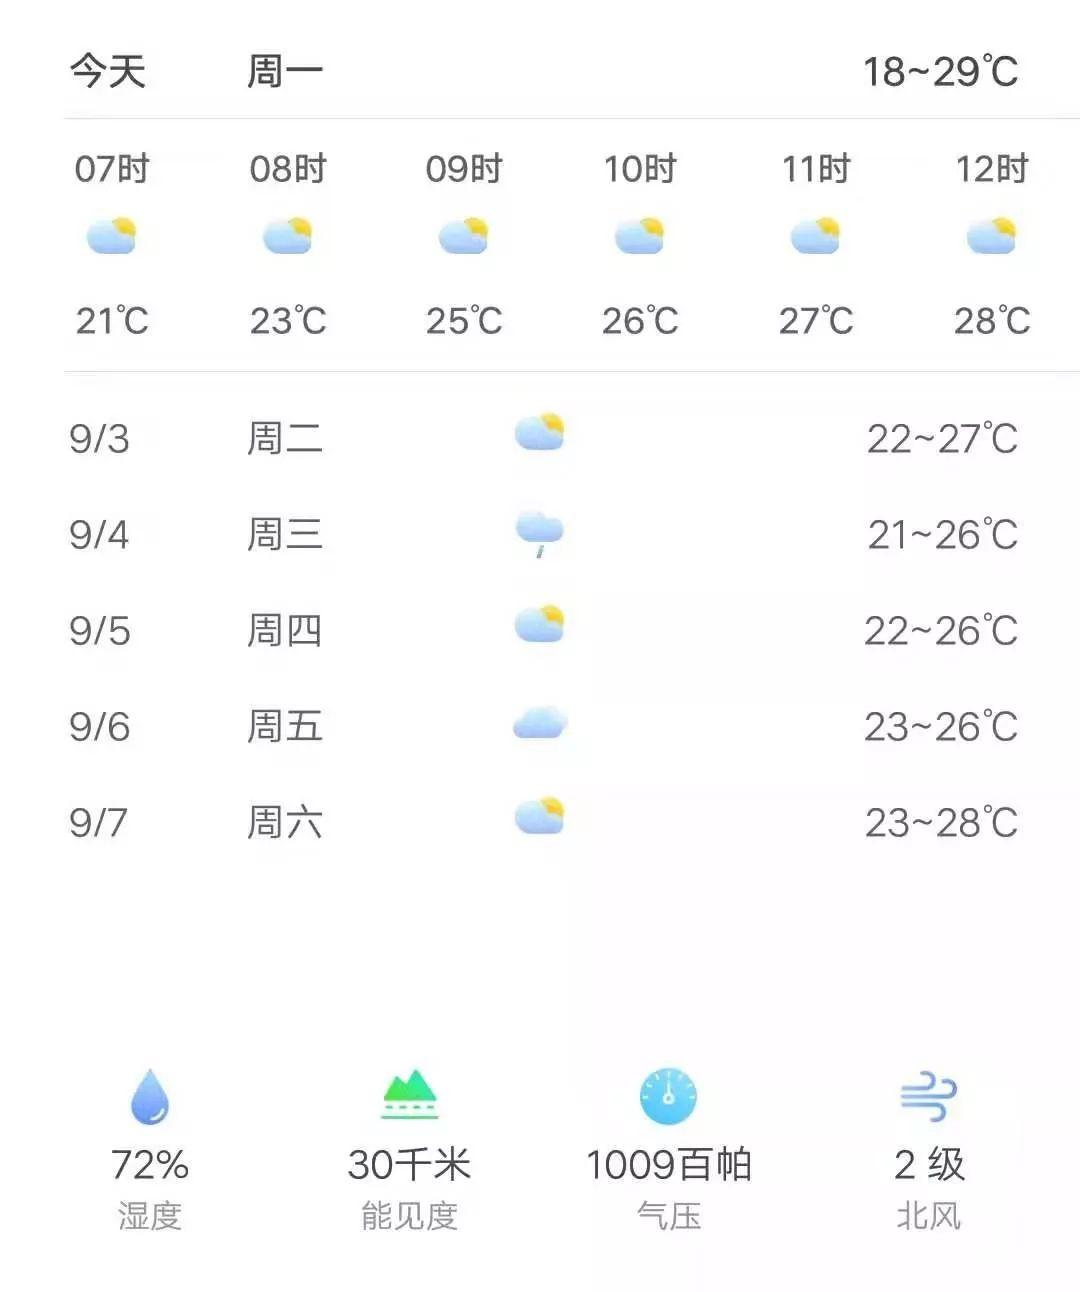 2019年9月2日烟台综合广播《新闻早报》